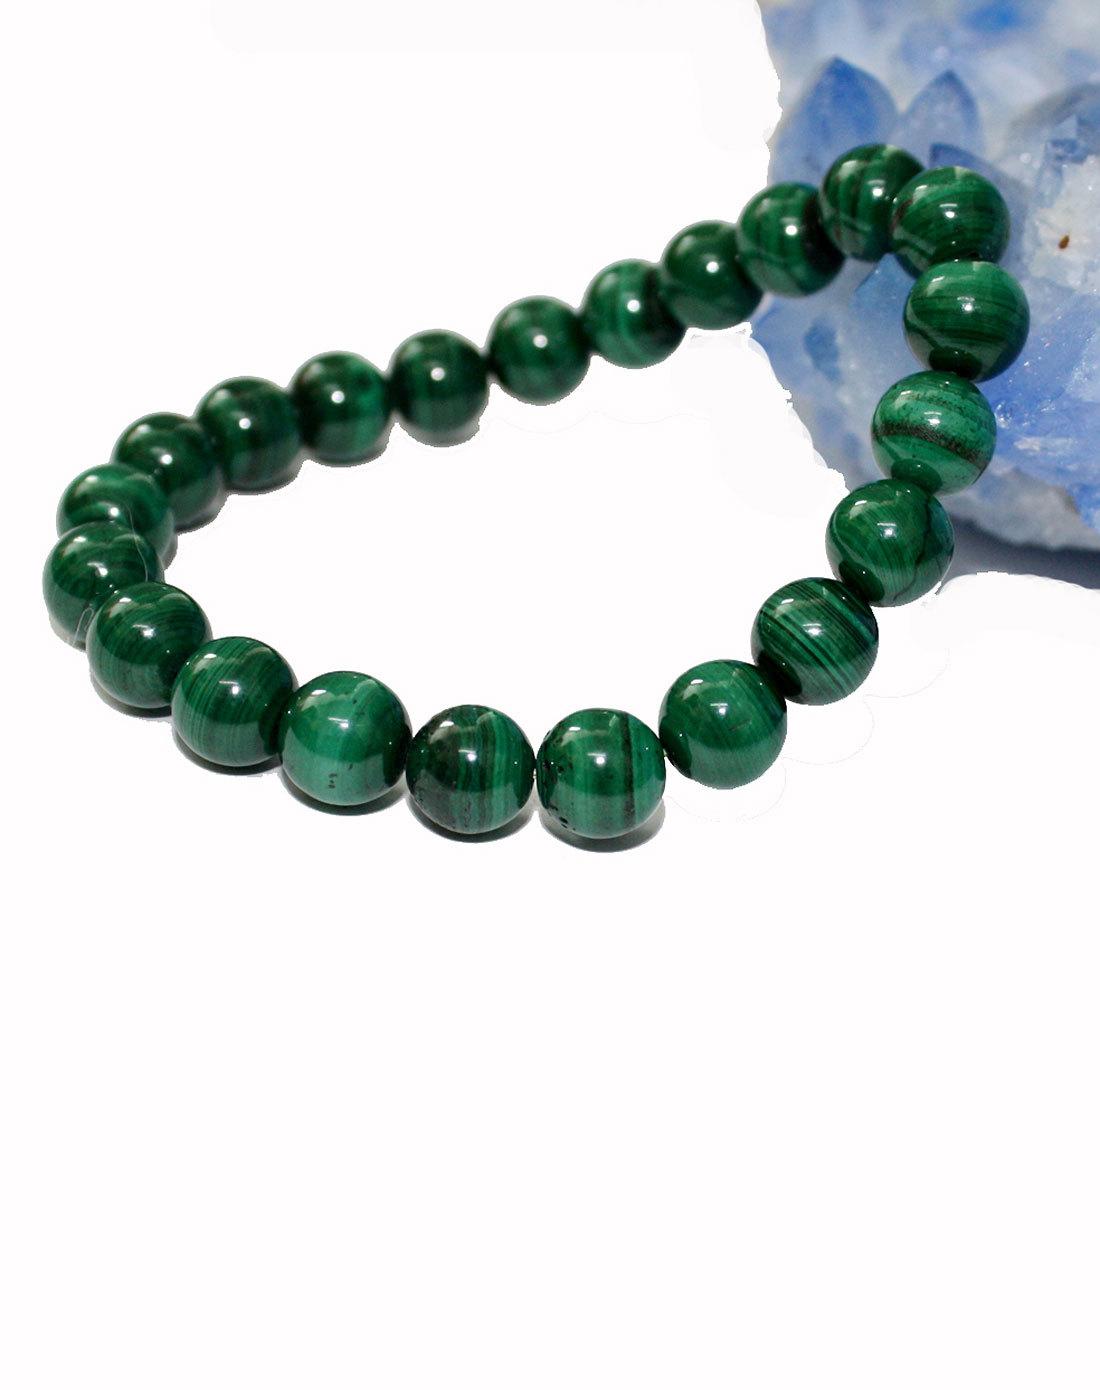 5-4,呈不透明的深绿色,且具有色彩浓淡的条状花纹——这种独一无二的